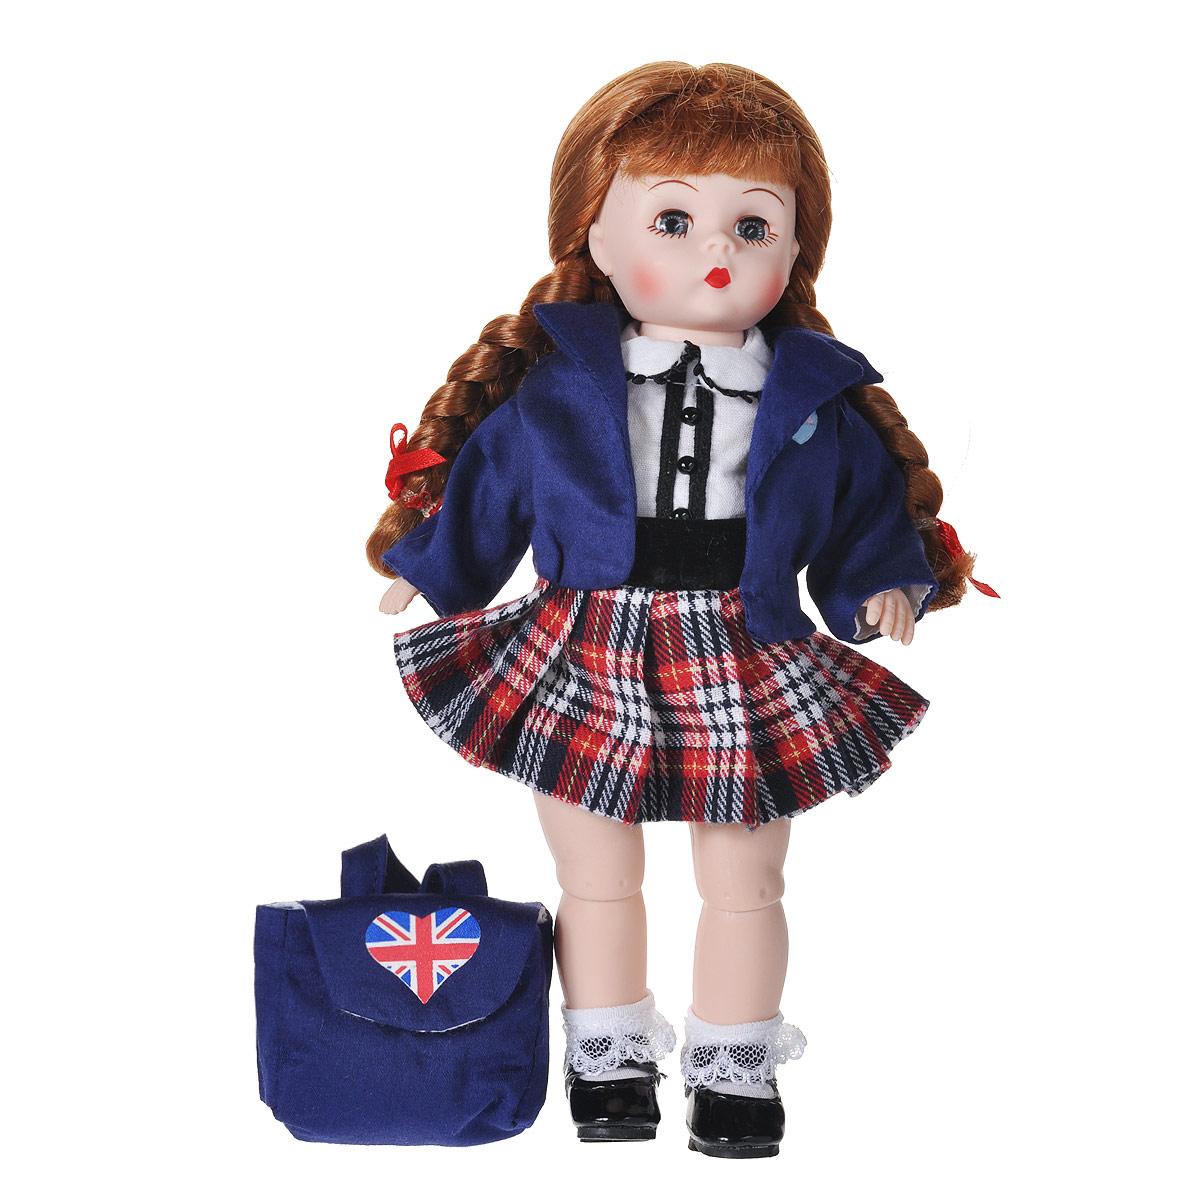 Madame Alexander Кукла Британская школьница64500Кукла Madame Alexander Британская школьница - очаровательная кукла с личиком Венди, с голубыми глазами и длинными заплетенными в две косички волосами. Одета кукла в школьную форму, которая представляет собой темно-синий пиджак, белую блузку и плиссированную клетчатую юбку. Воротничок и планка блузки украшены сутажом и черными кнопками. На ногах кружевные носочки и черные ботиночки. На спине темно-синий рюкзачок с британской символикой. Если куколку положить на спинку, то ее глазки закроются.